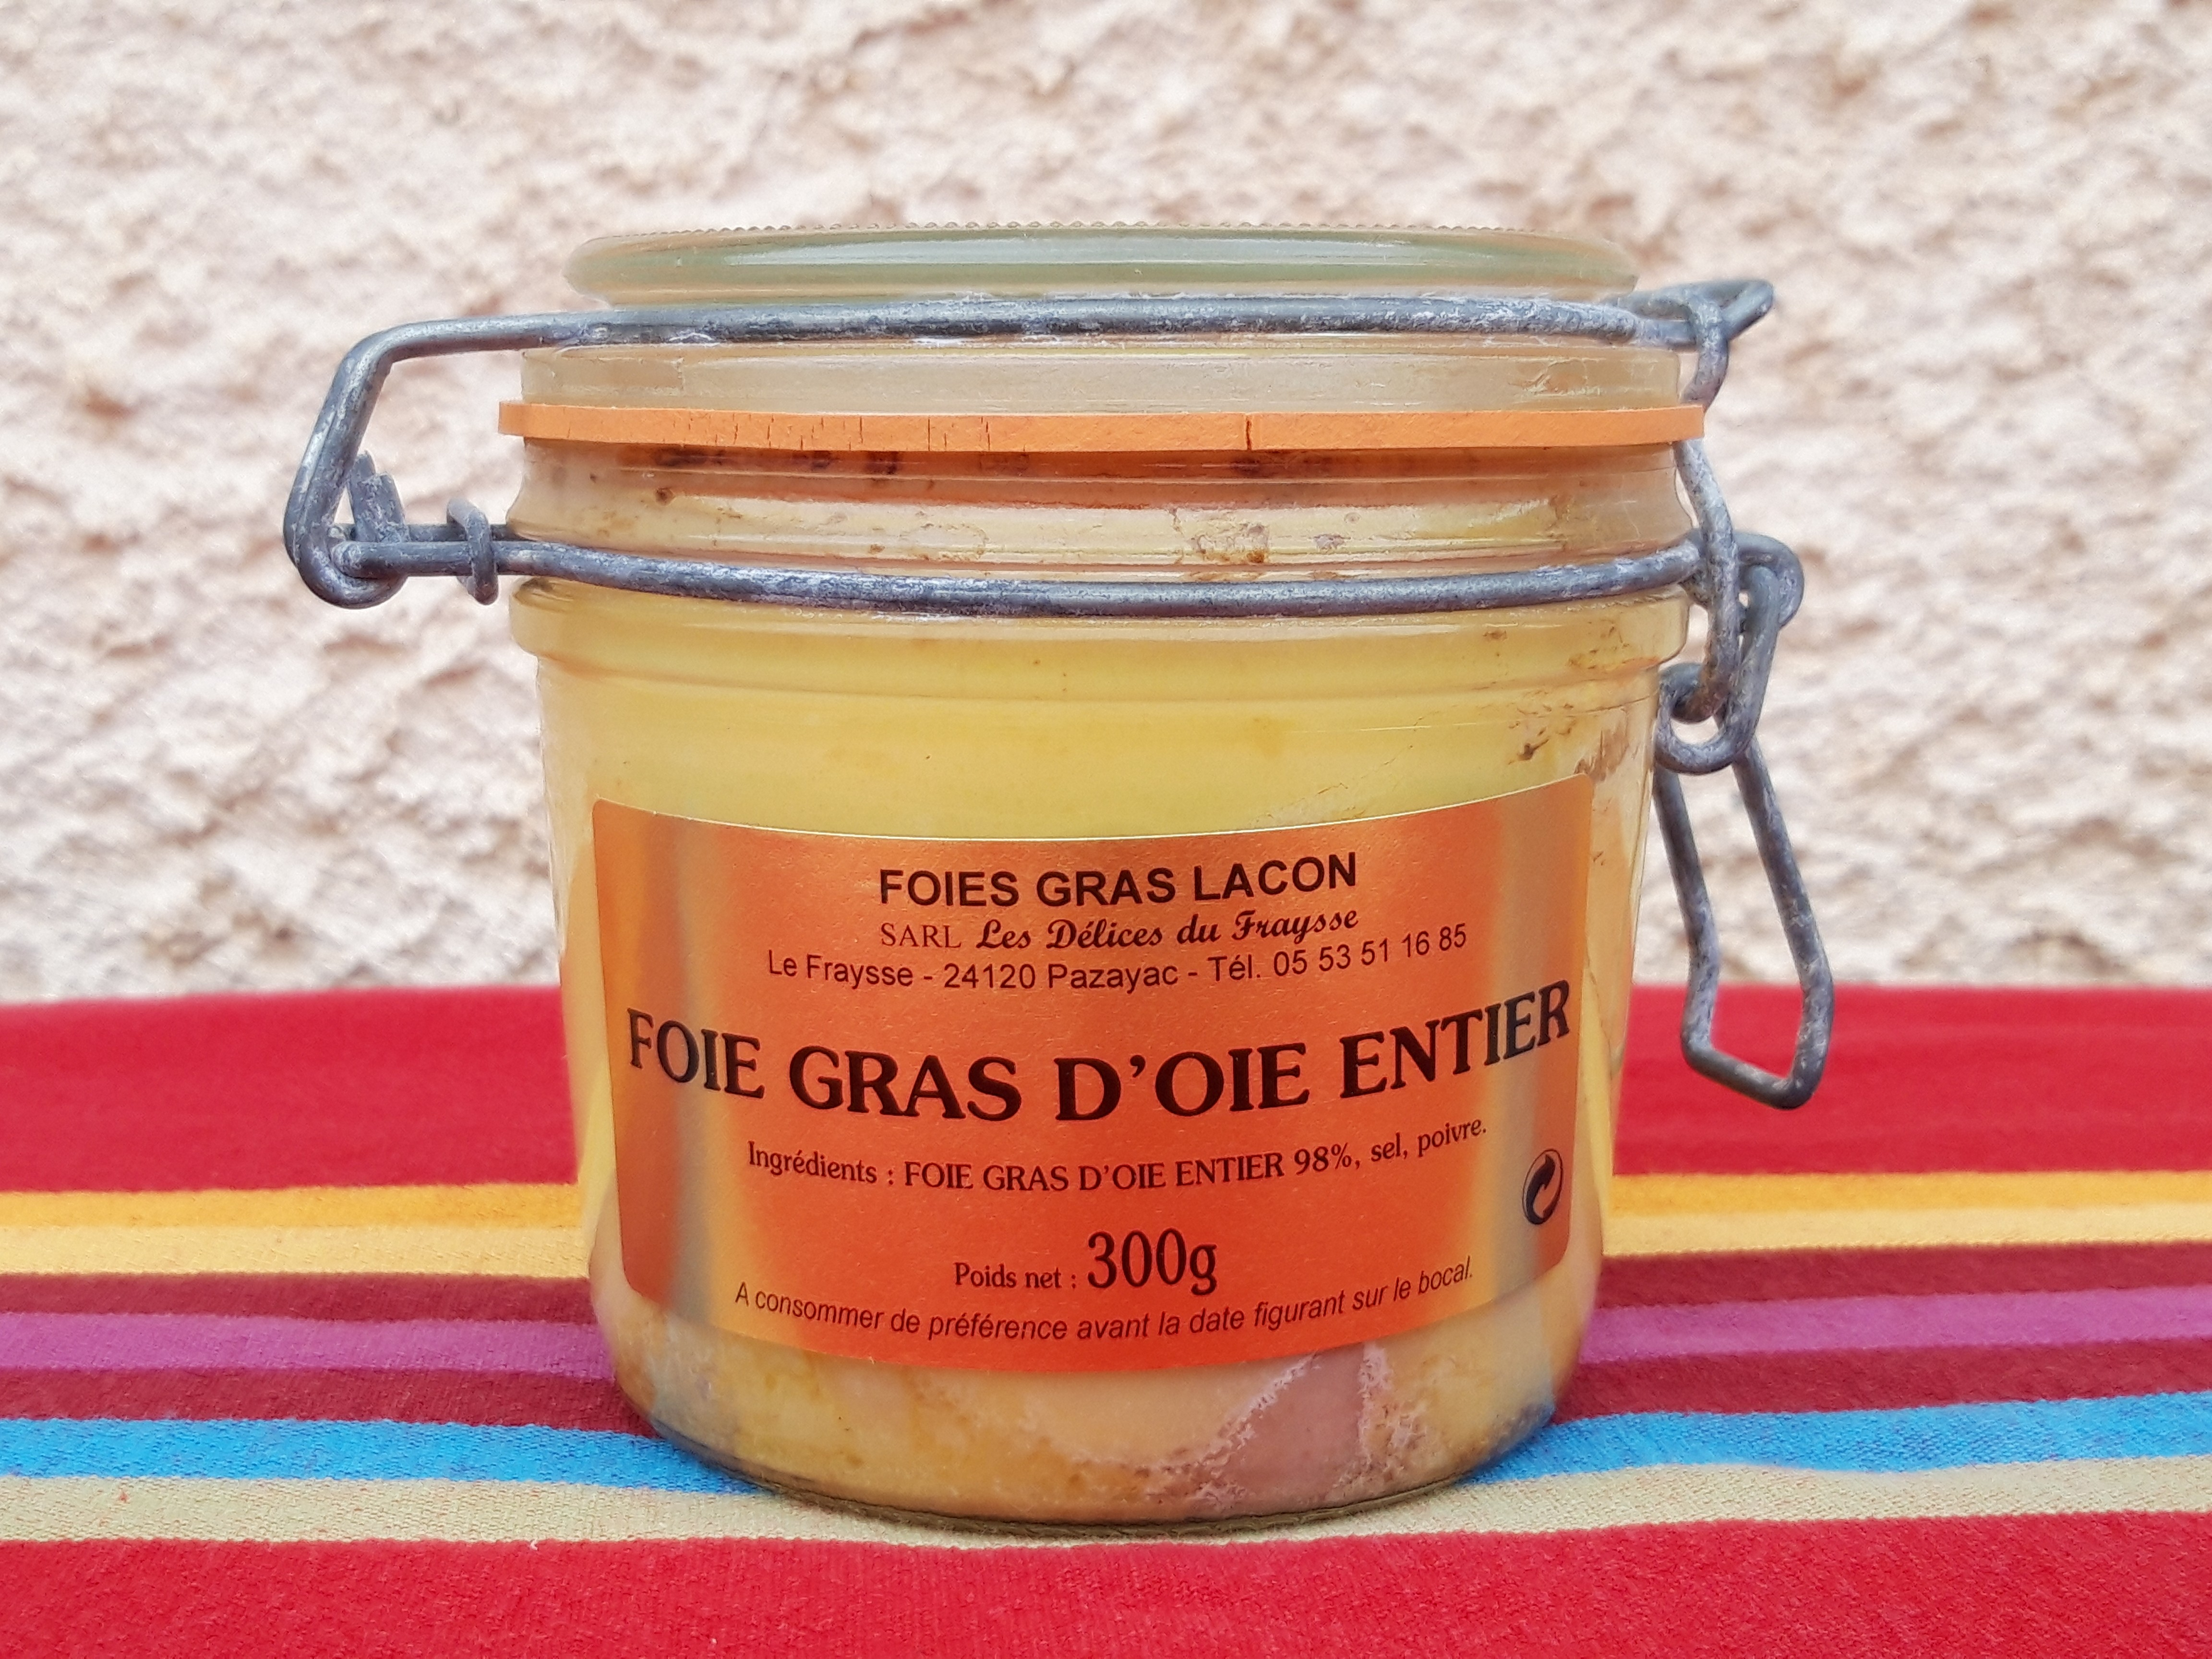 Foie gras d'oie 300g